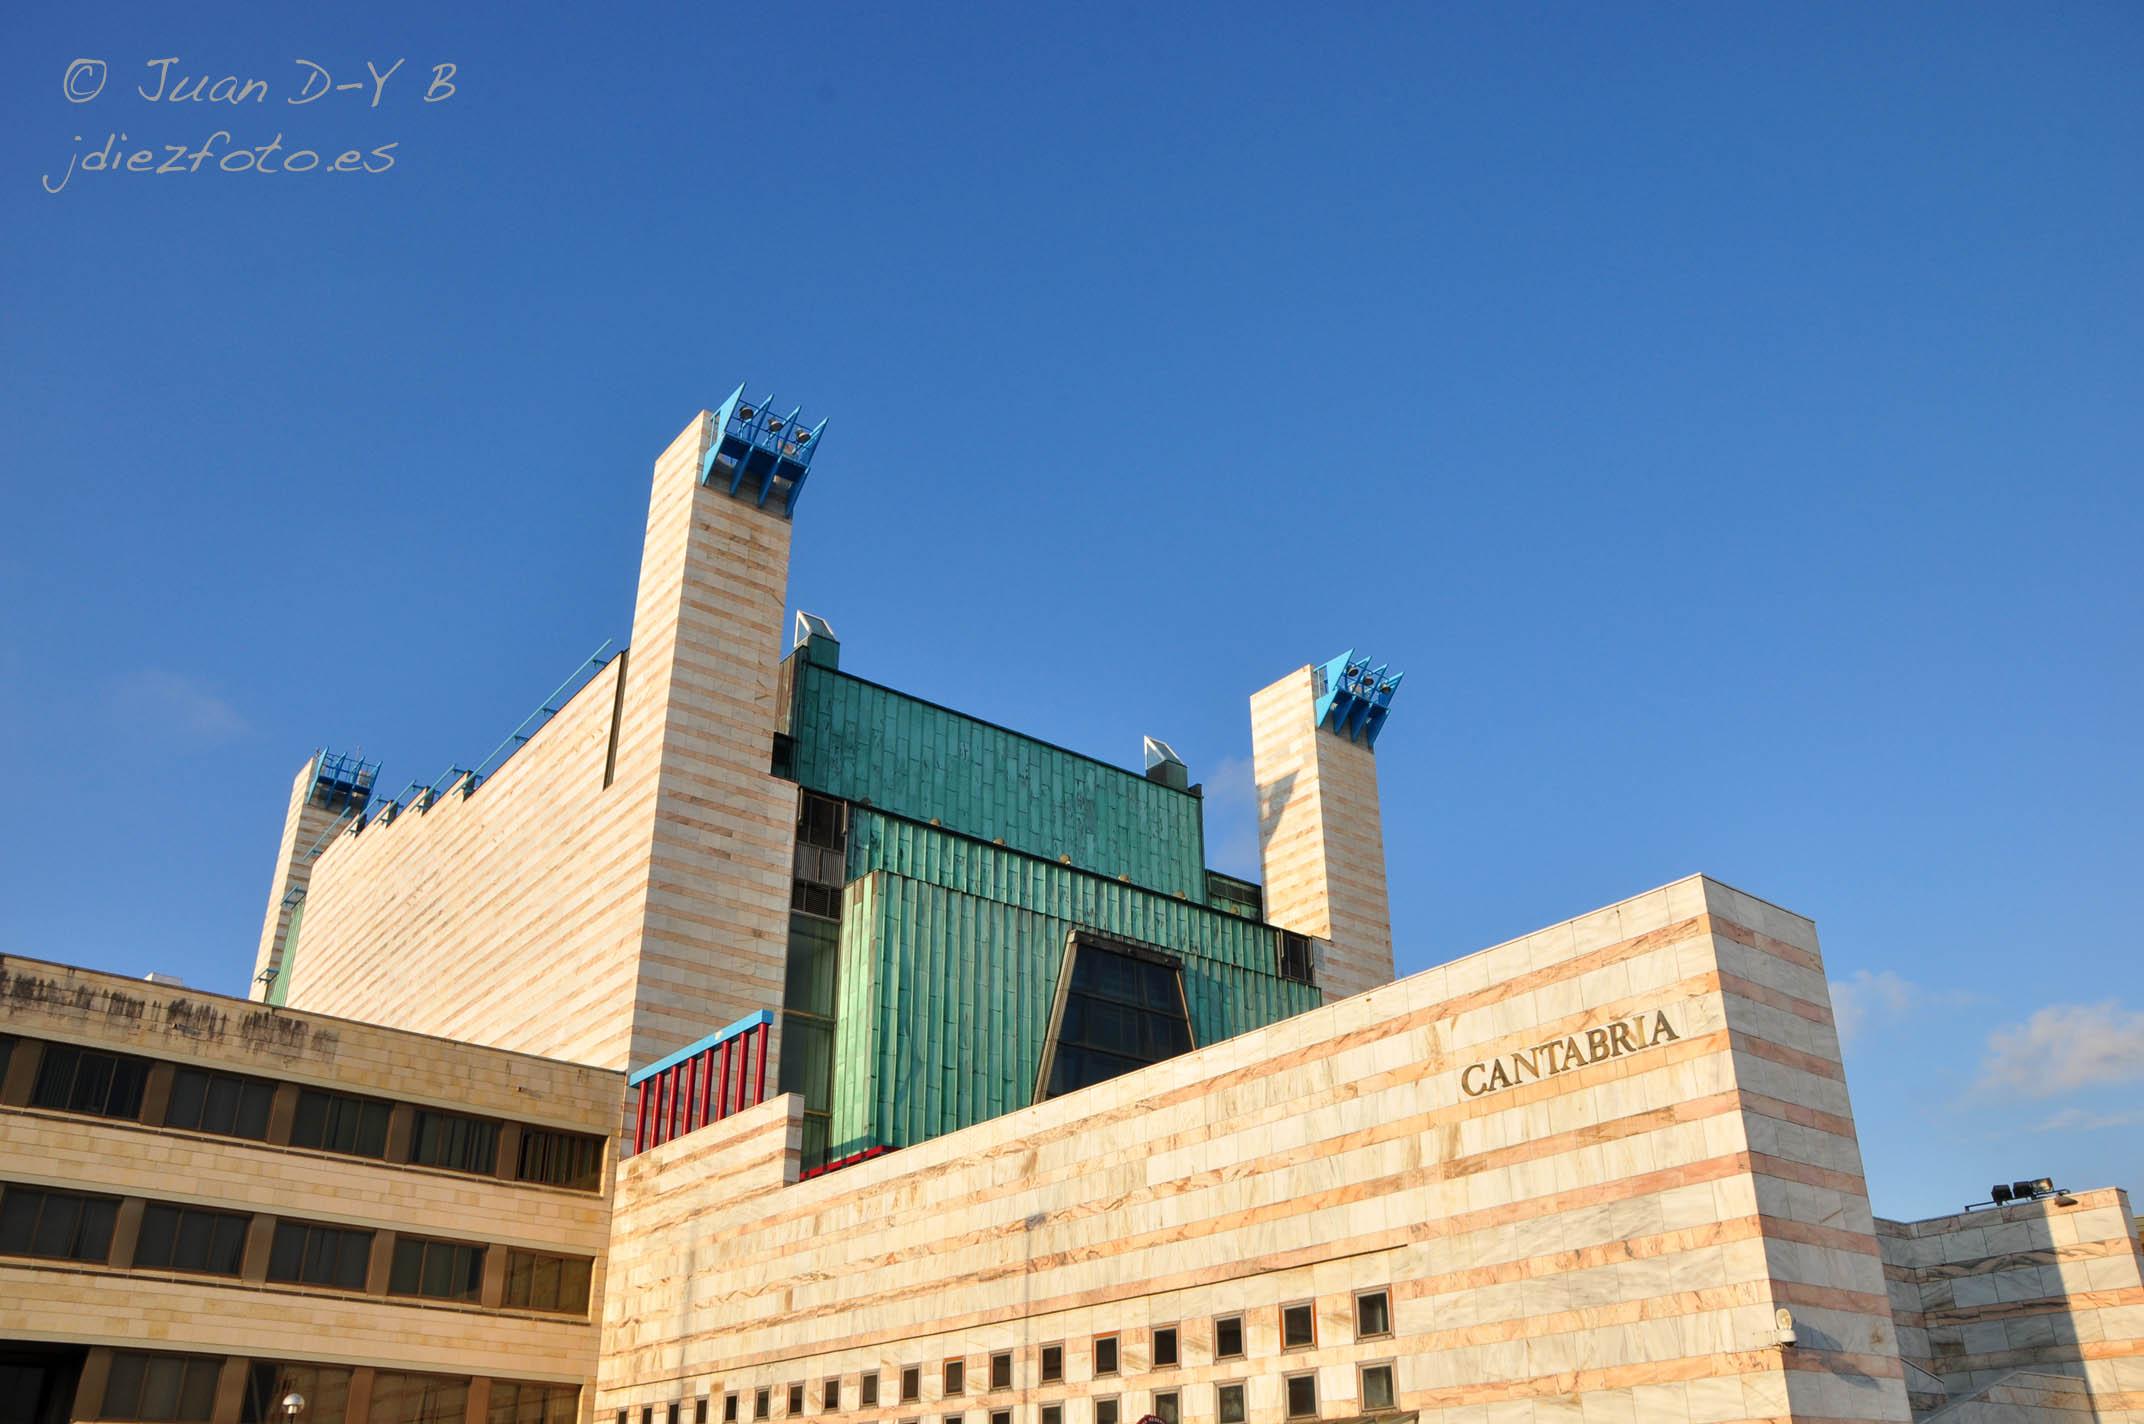 El Palacio de Festivales de Santander